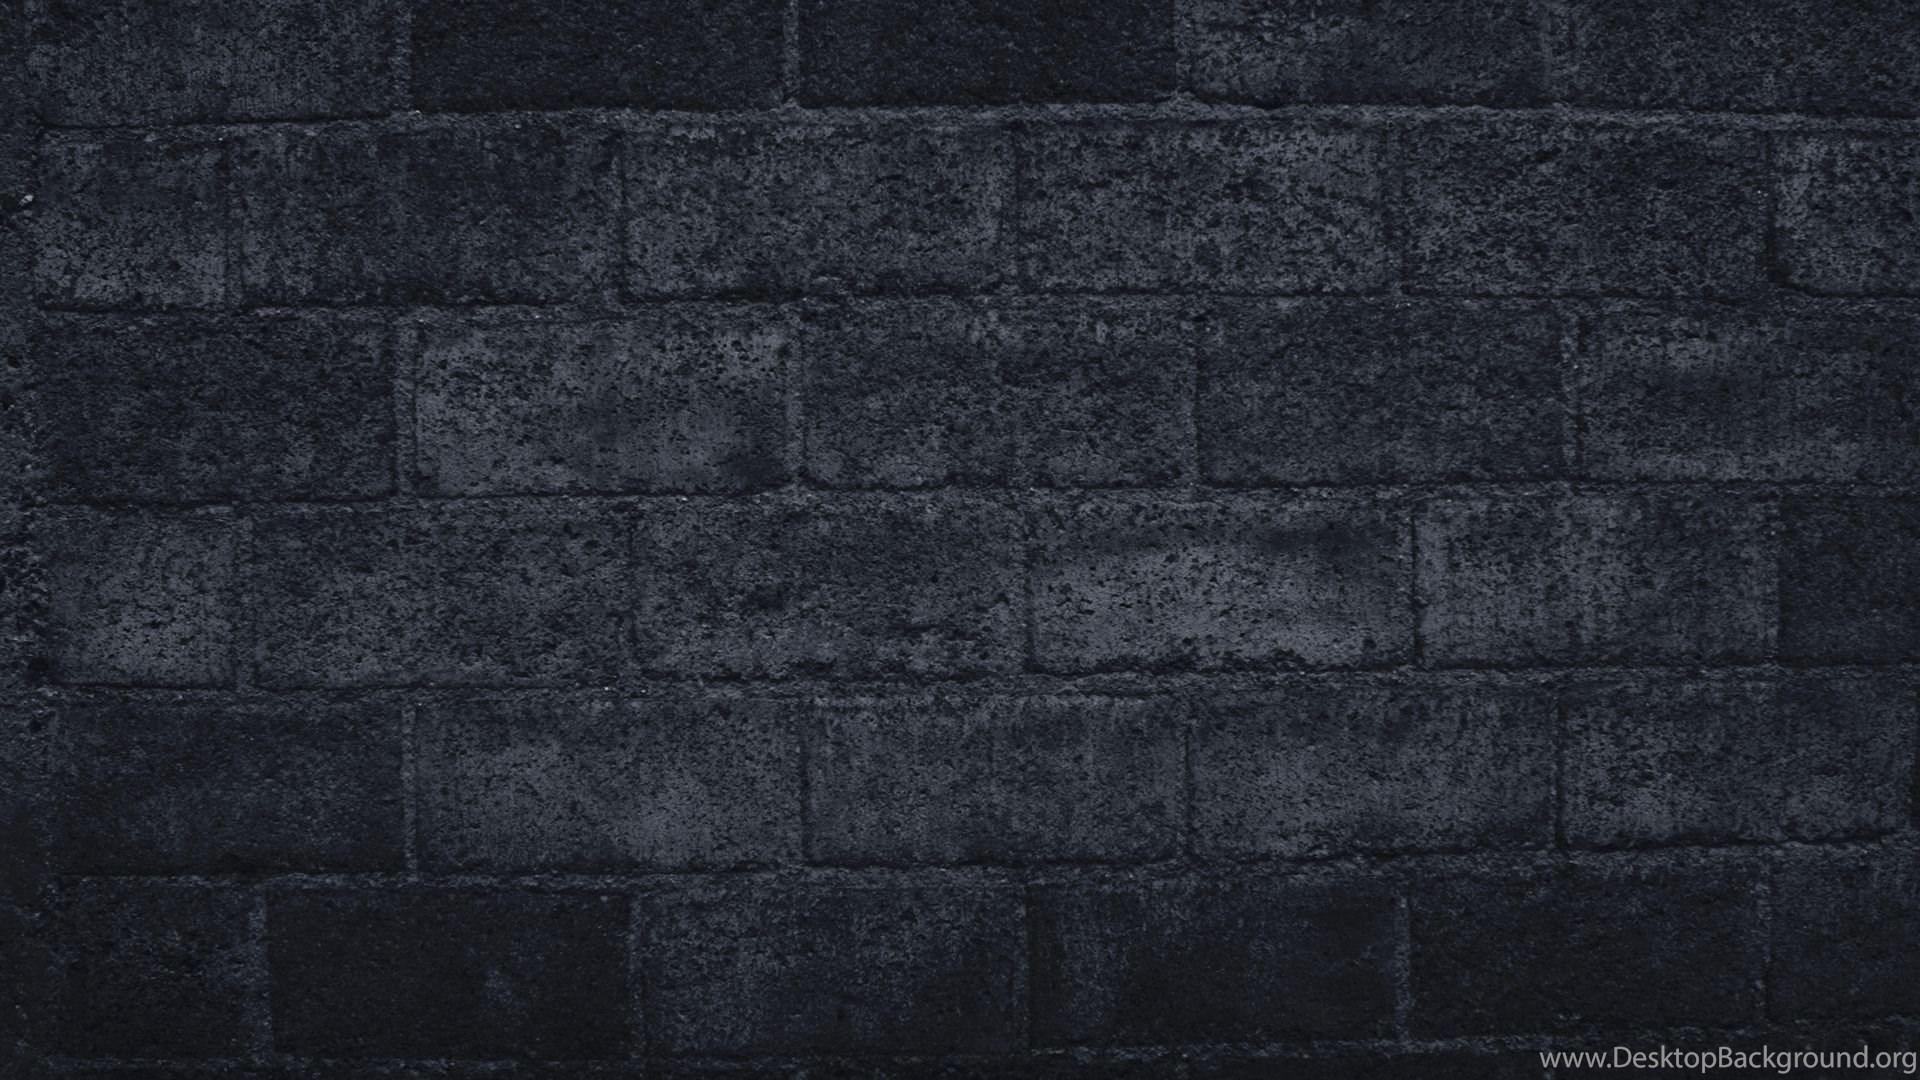 Top gym background images for pinterest desktop background - Wallpaper website ...